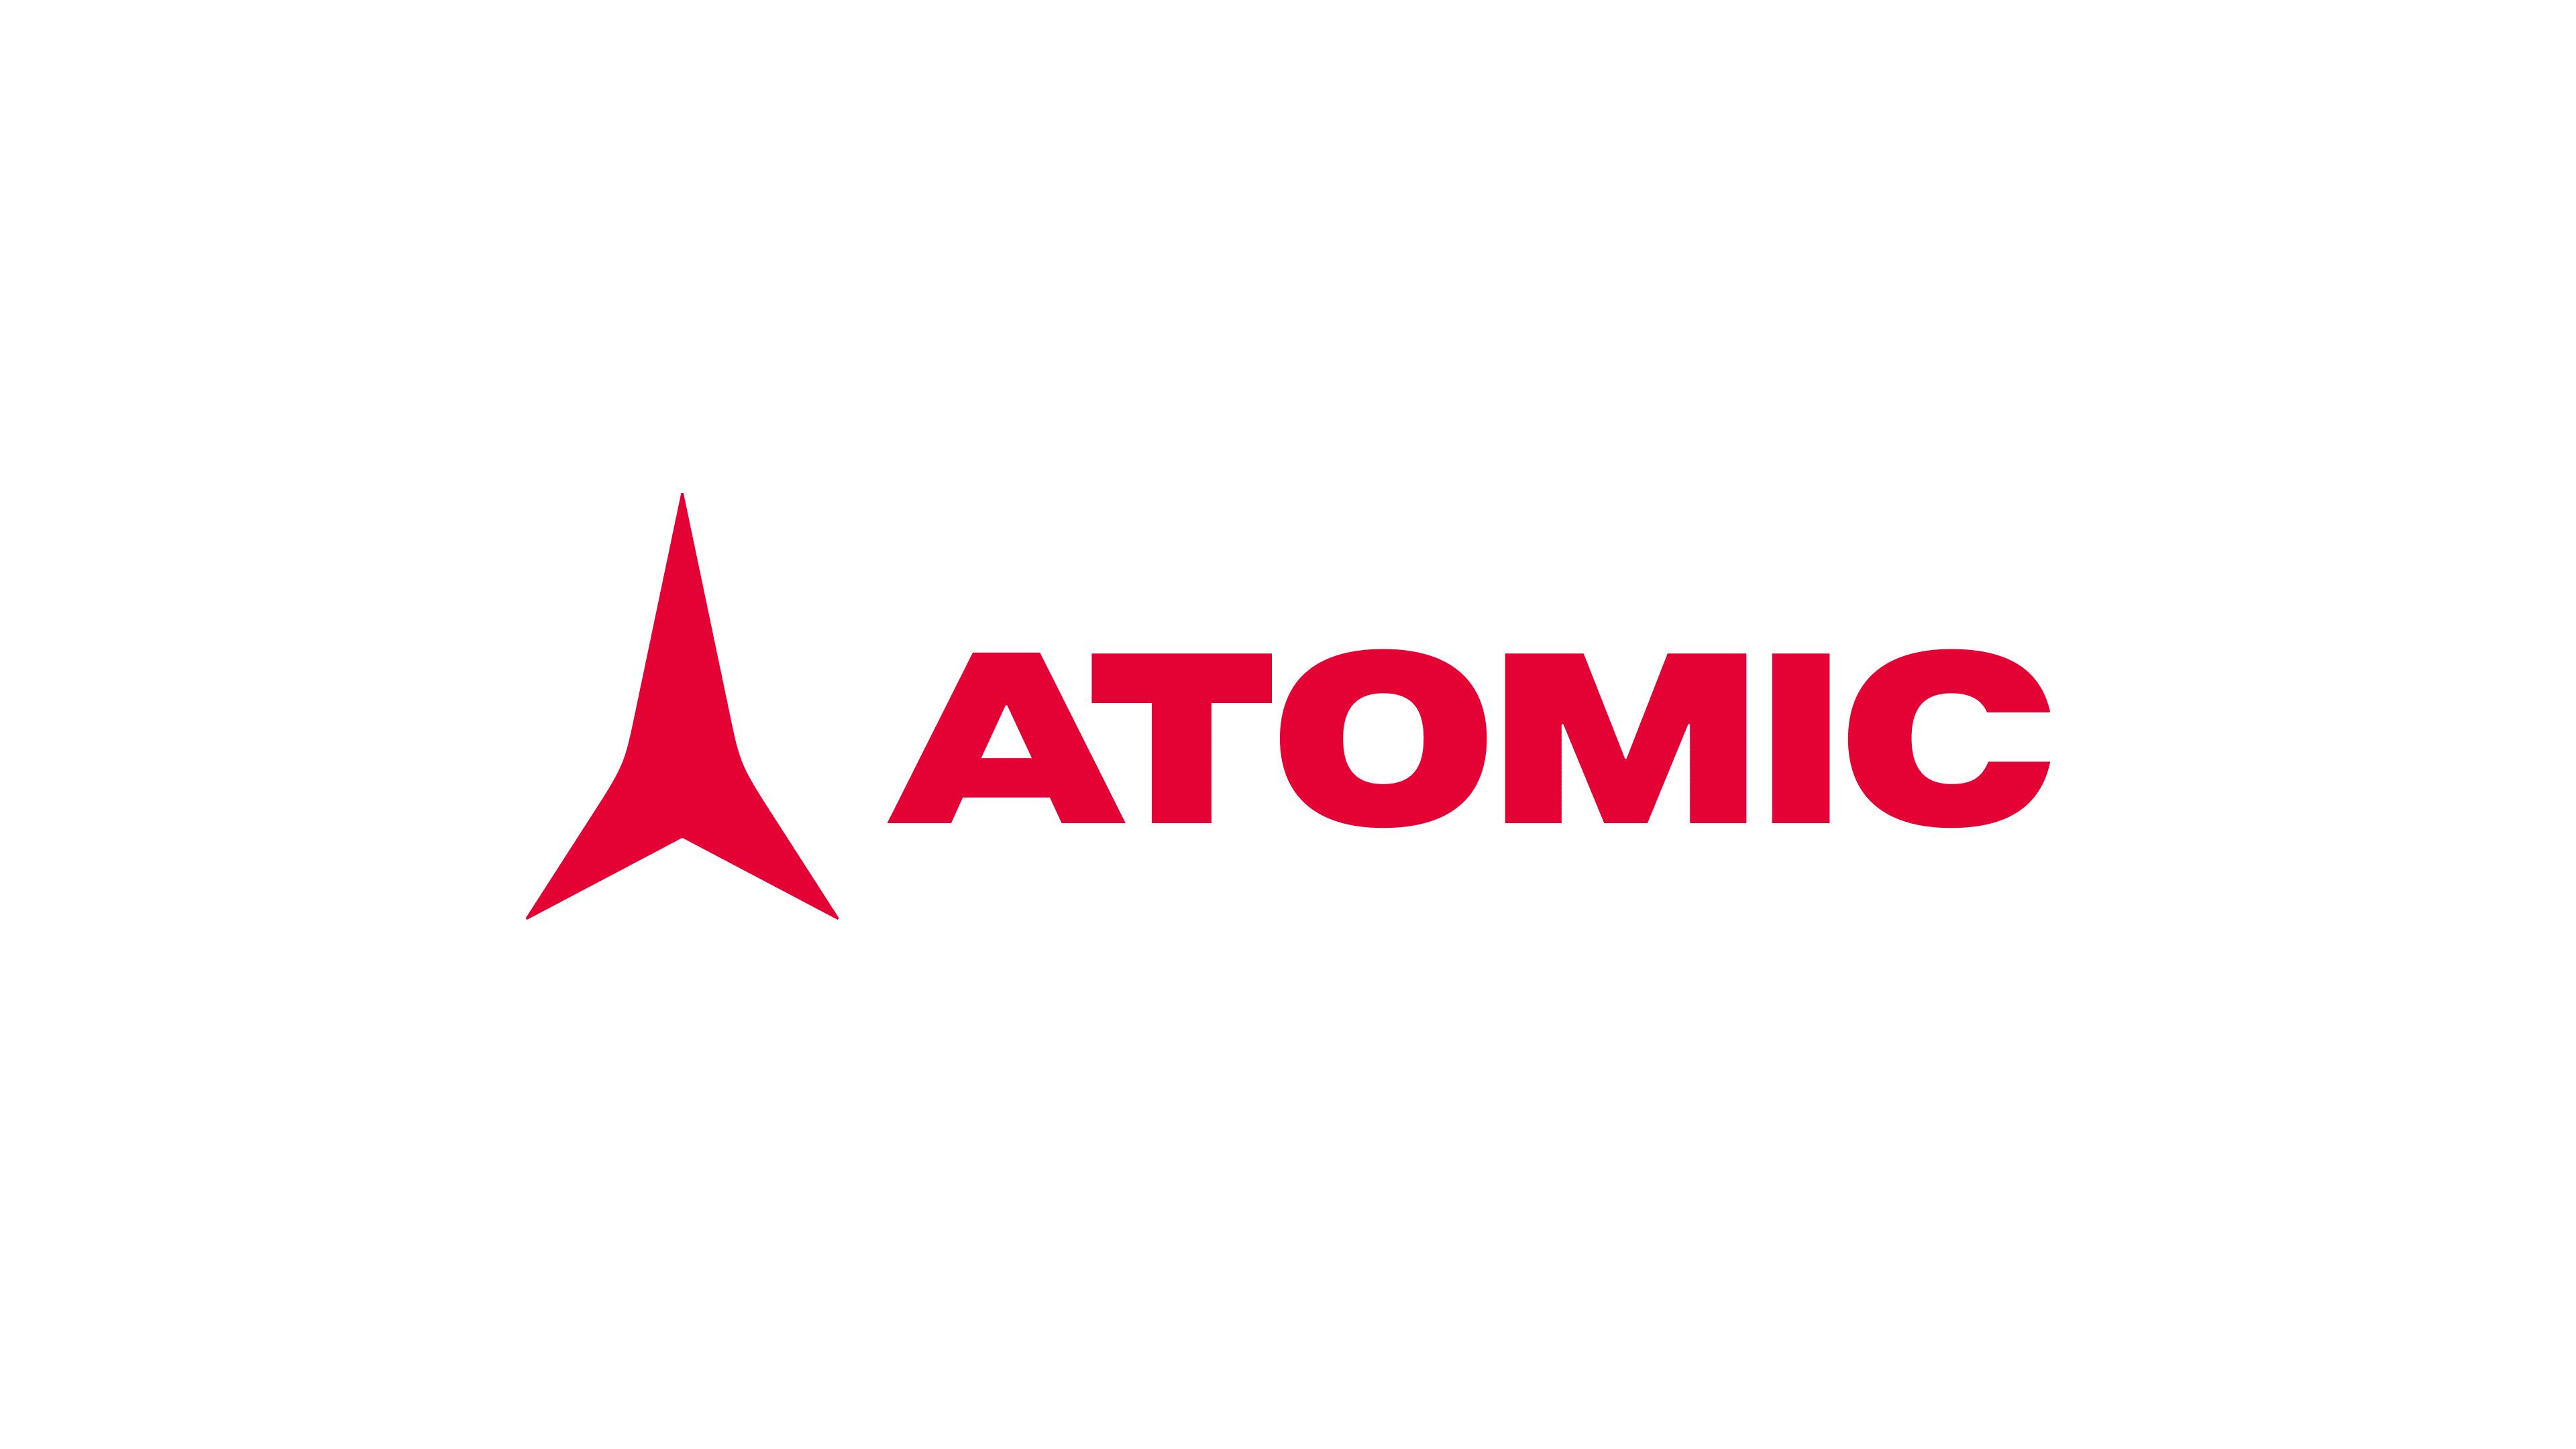 ATOMIC-logo-01